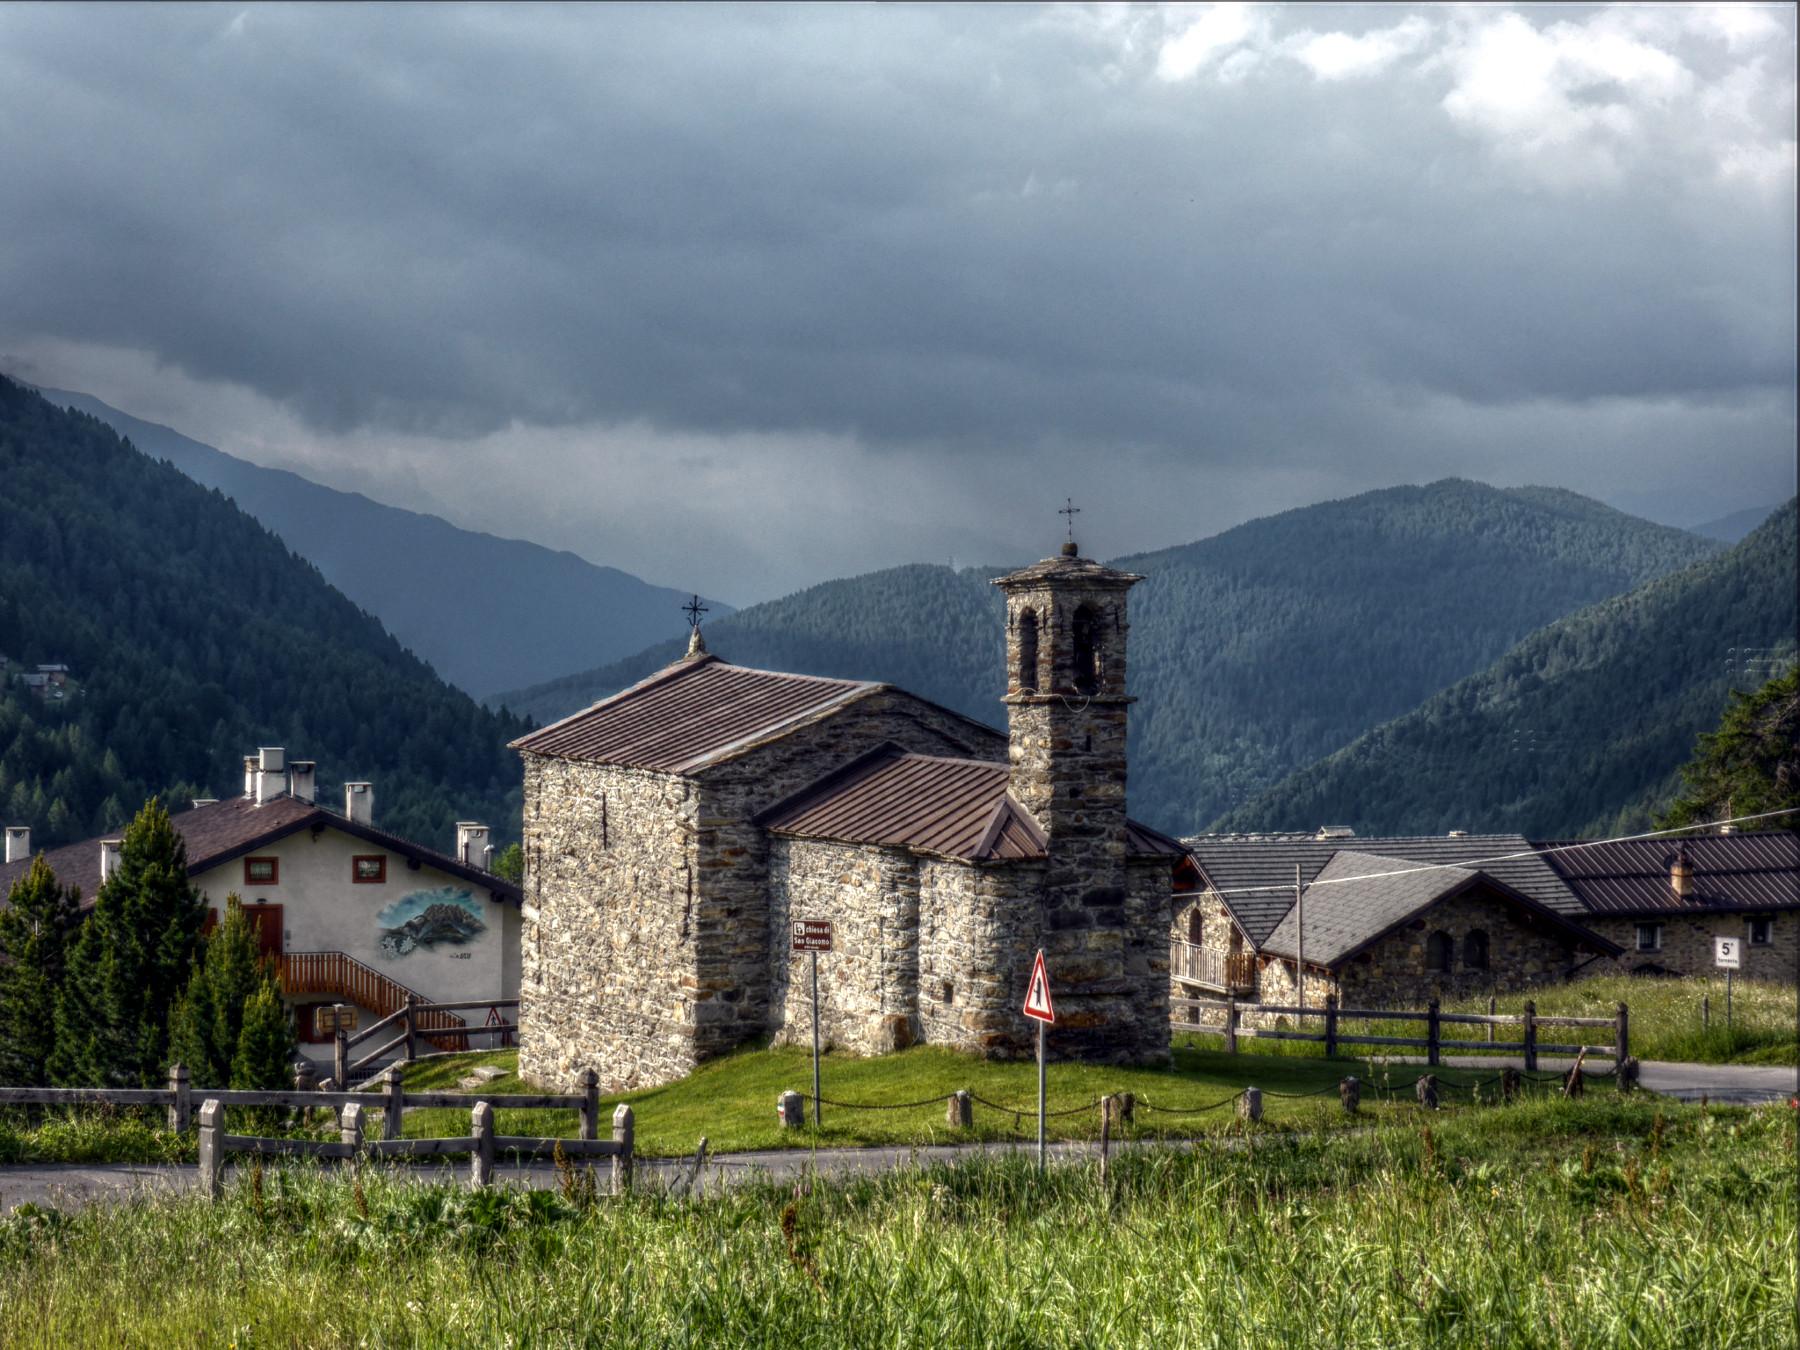 Chiesa di San Giacomo, aufziehendes Unwetter.